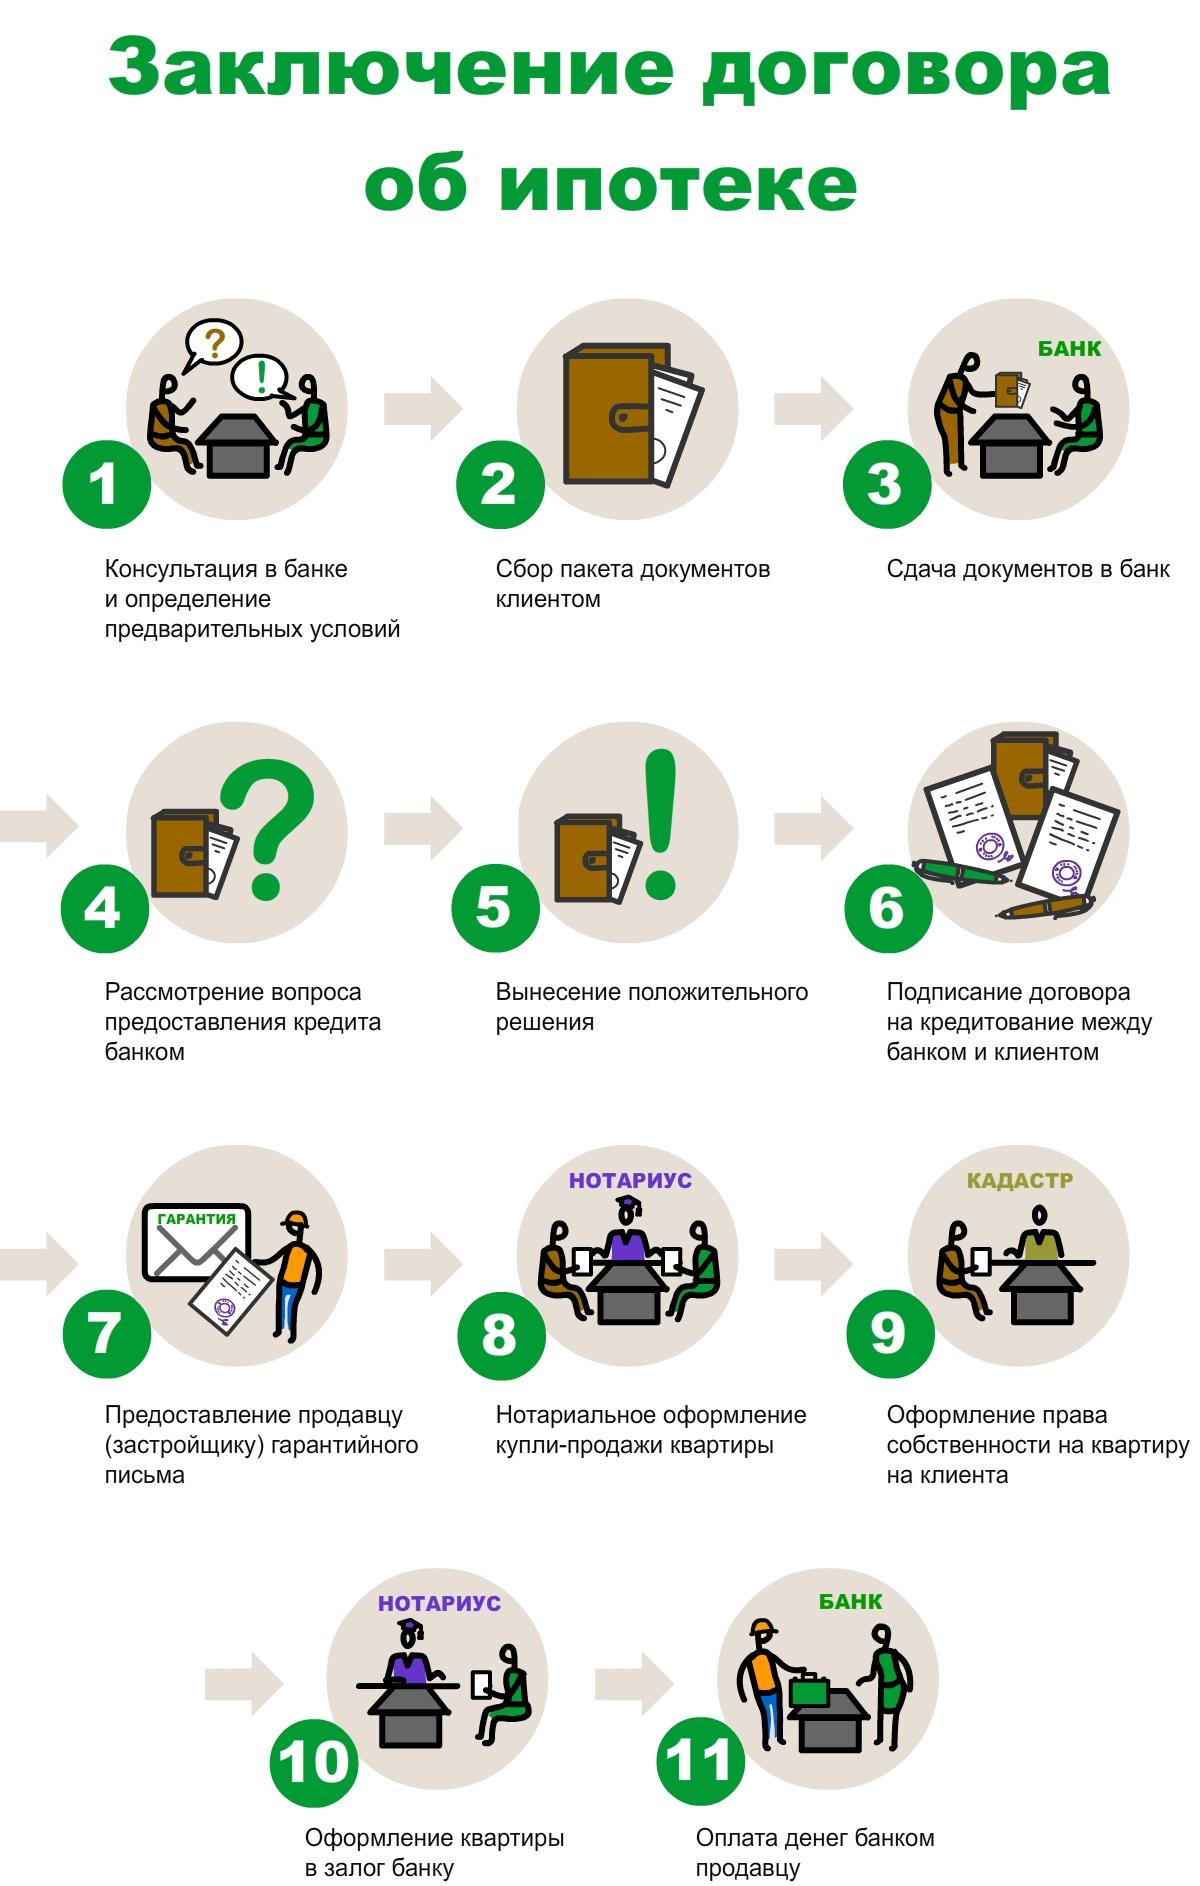 Изображение - Ипотека-банк в узбекистане условия и программы ипотеки в 2019 году 139412_325575ec0dbade134805477375e4